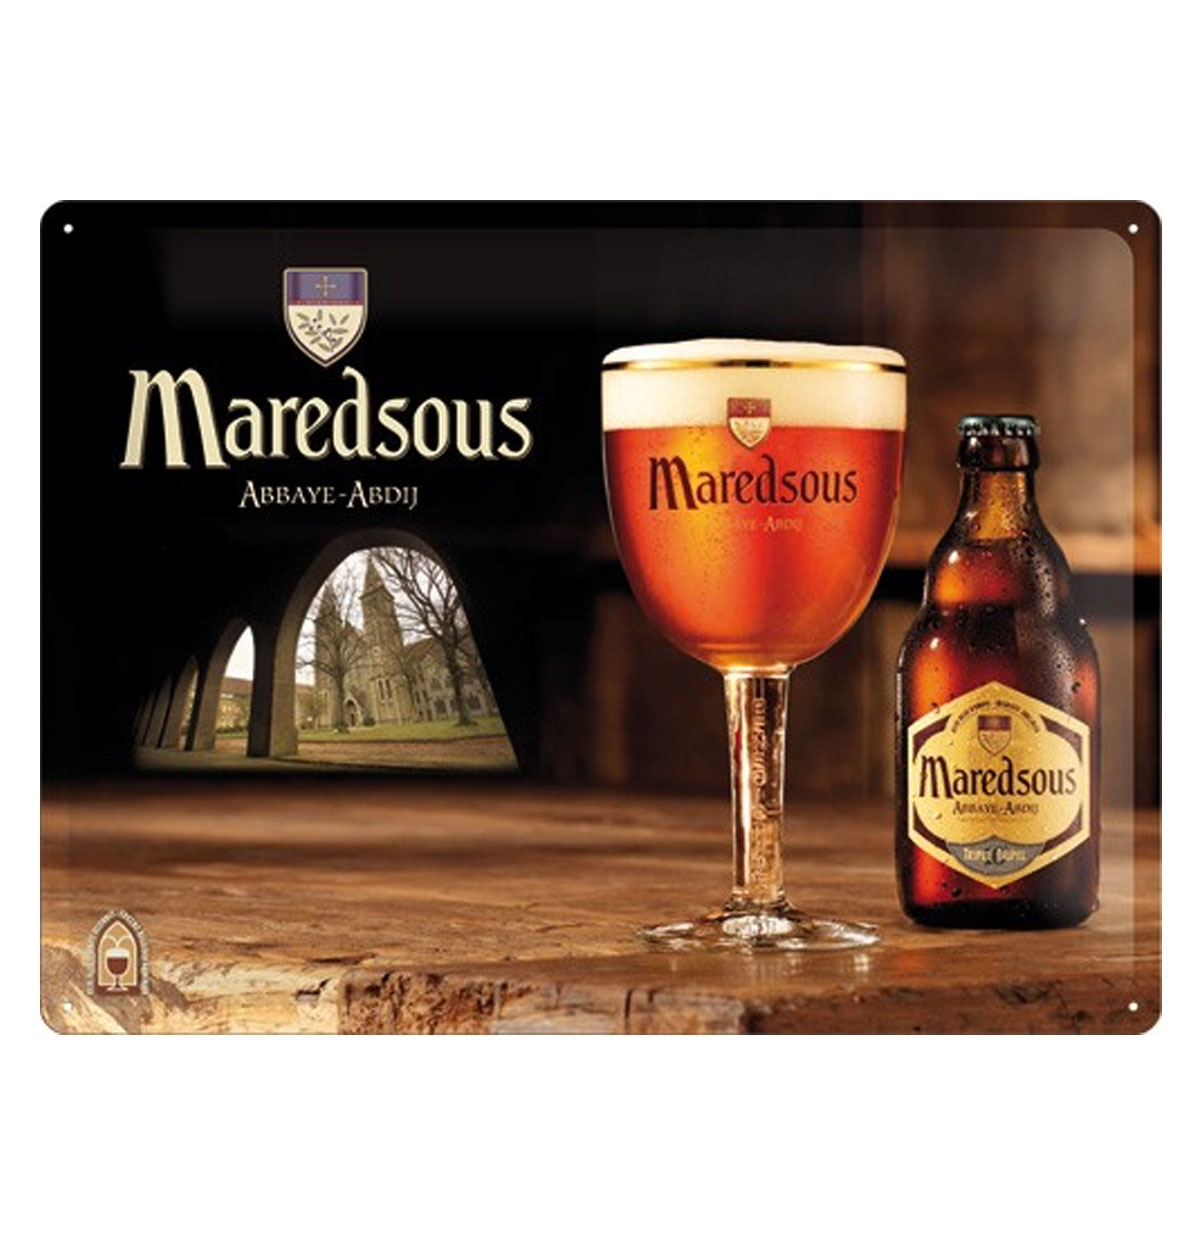 Maredsous Abdijbier Belgisch Bier Metalen Bord 30 x 40 cm